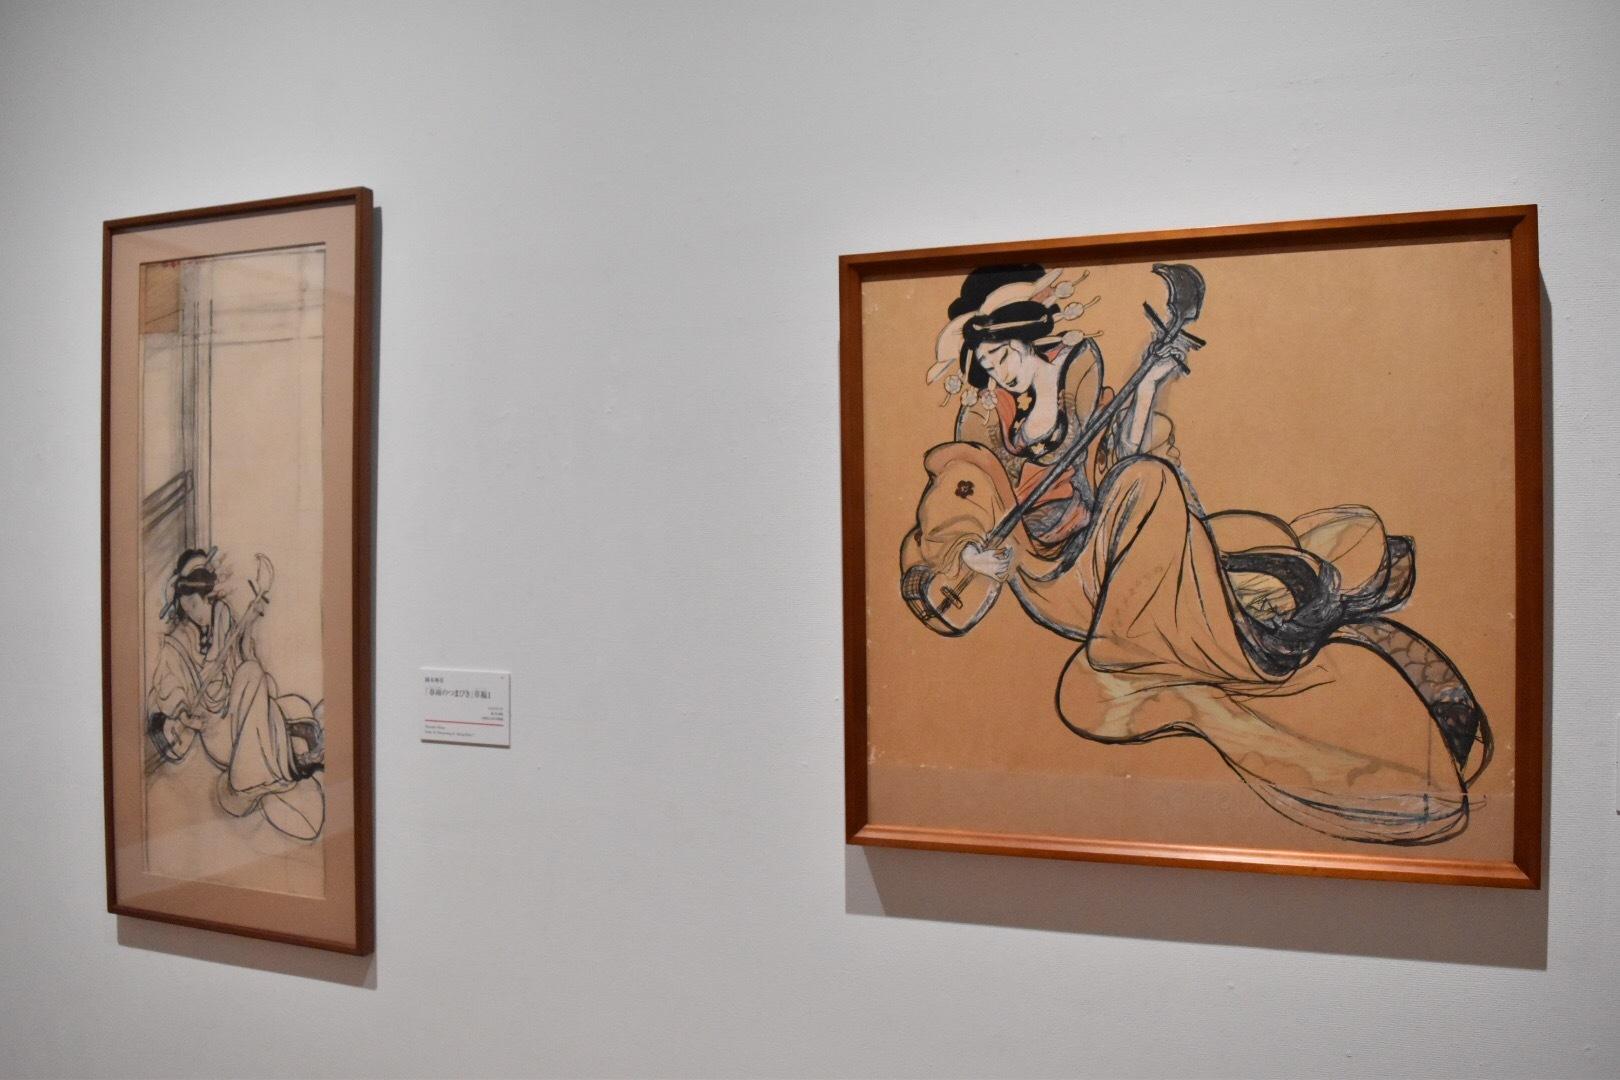 左:岡本神草 「春雨のつまびき」草稿1 大正6(1917)年 京都国立近代美術館 右:岡本神草 「春雨のつまびき」草稿2 大正6(1917)年